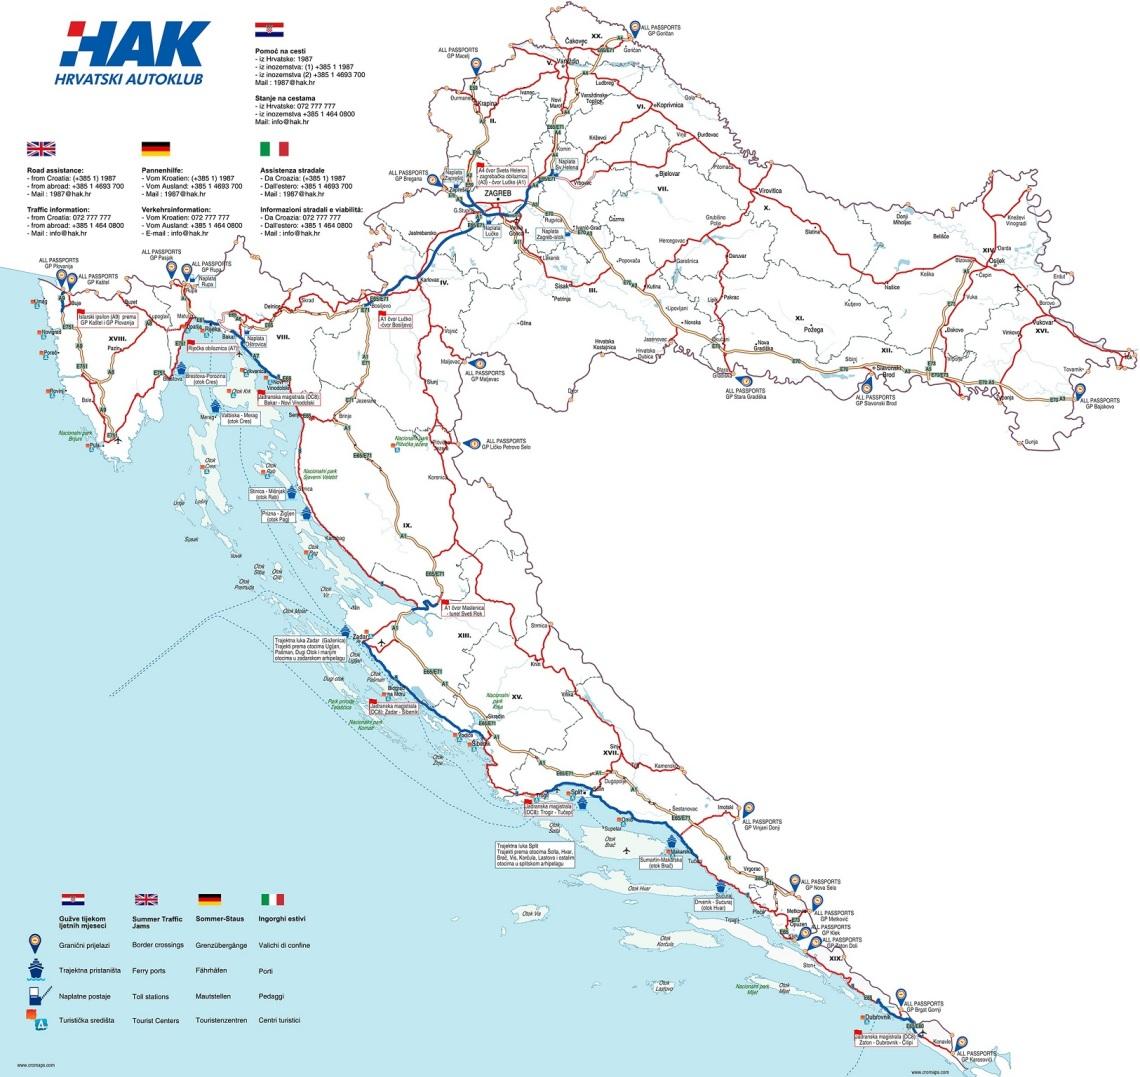 Zemljevid AC na Hrvaškem kjer Slovenije še kot države omenjajo ne/Vir: HAK